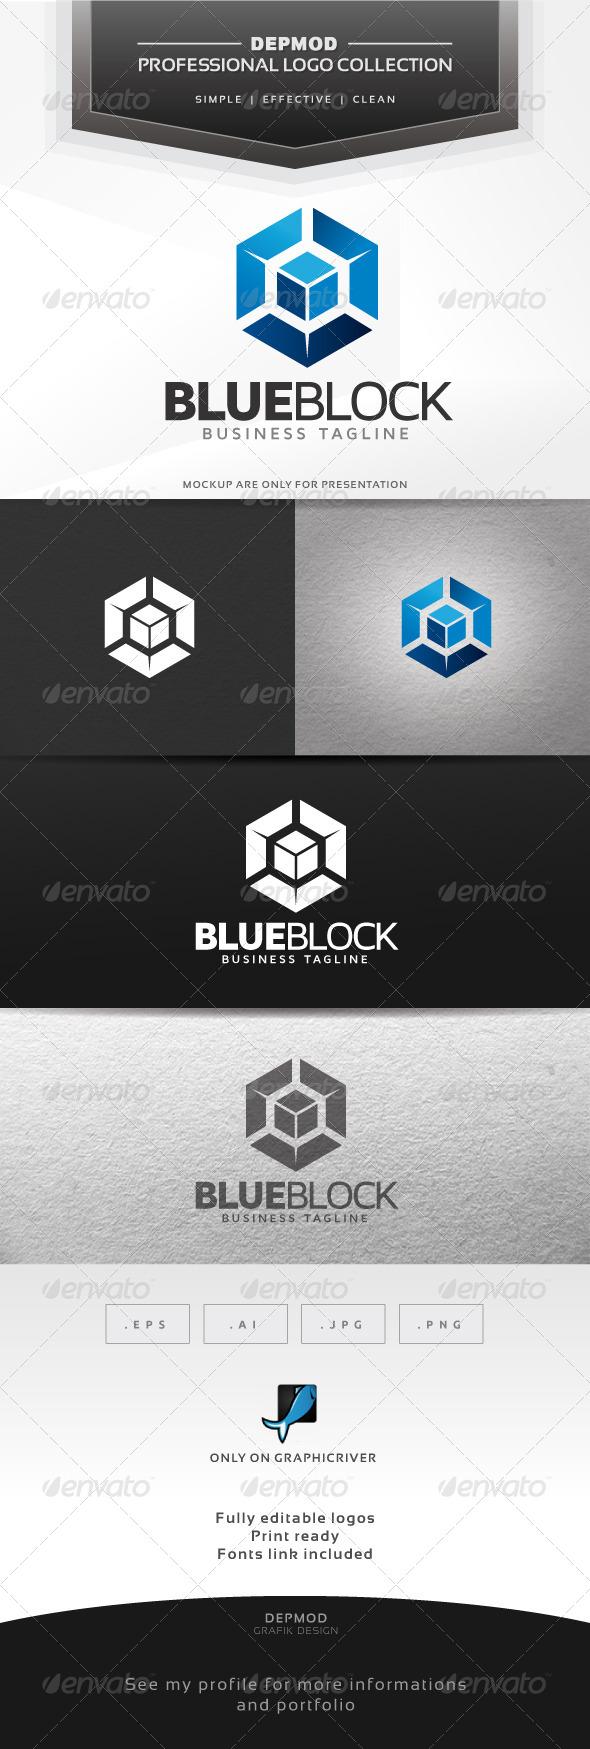 Blue Block Logo - Abstract Logo Templates